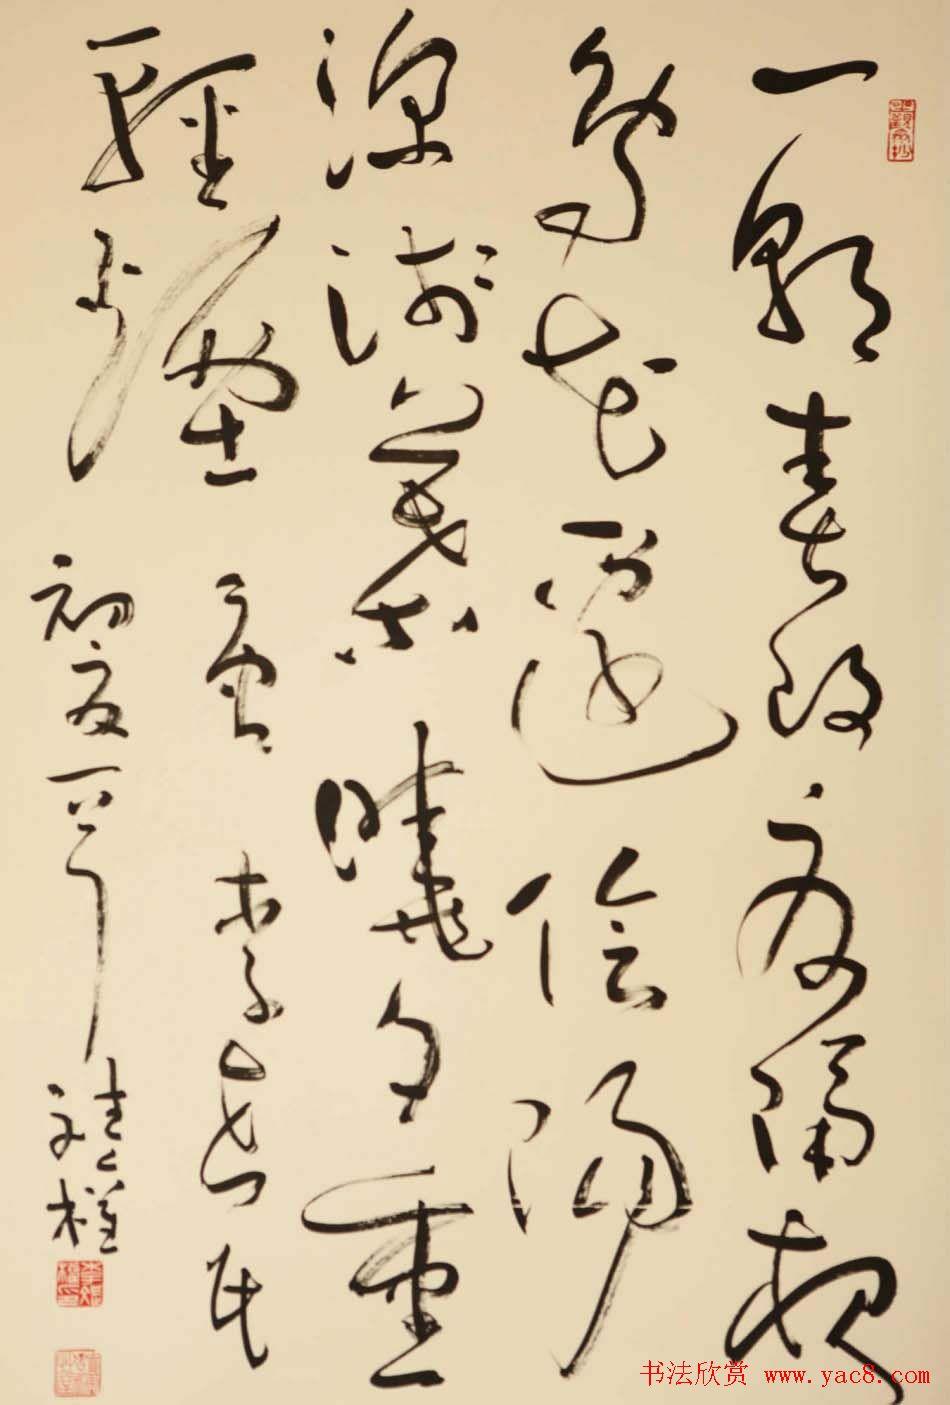 李斌权书法草书作品欣赏 第22页 毛笔书法 书法欣赏